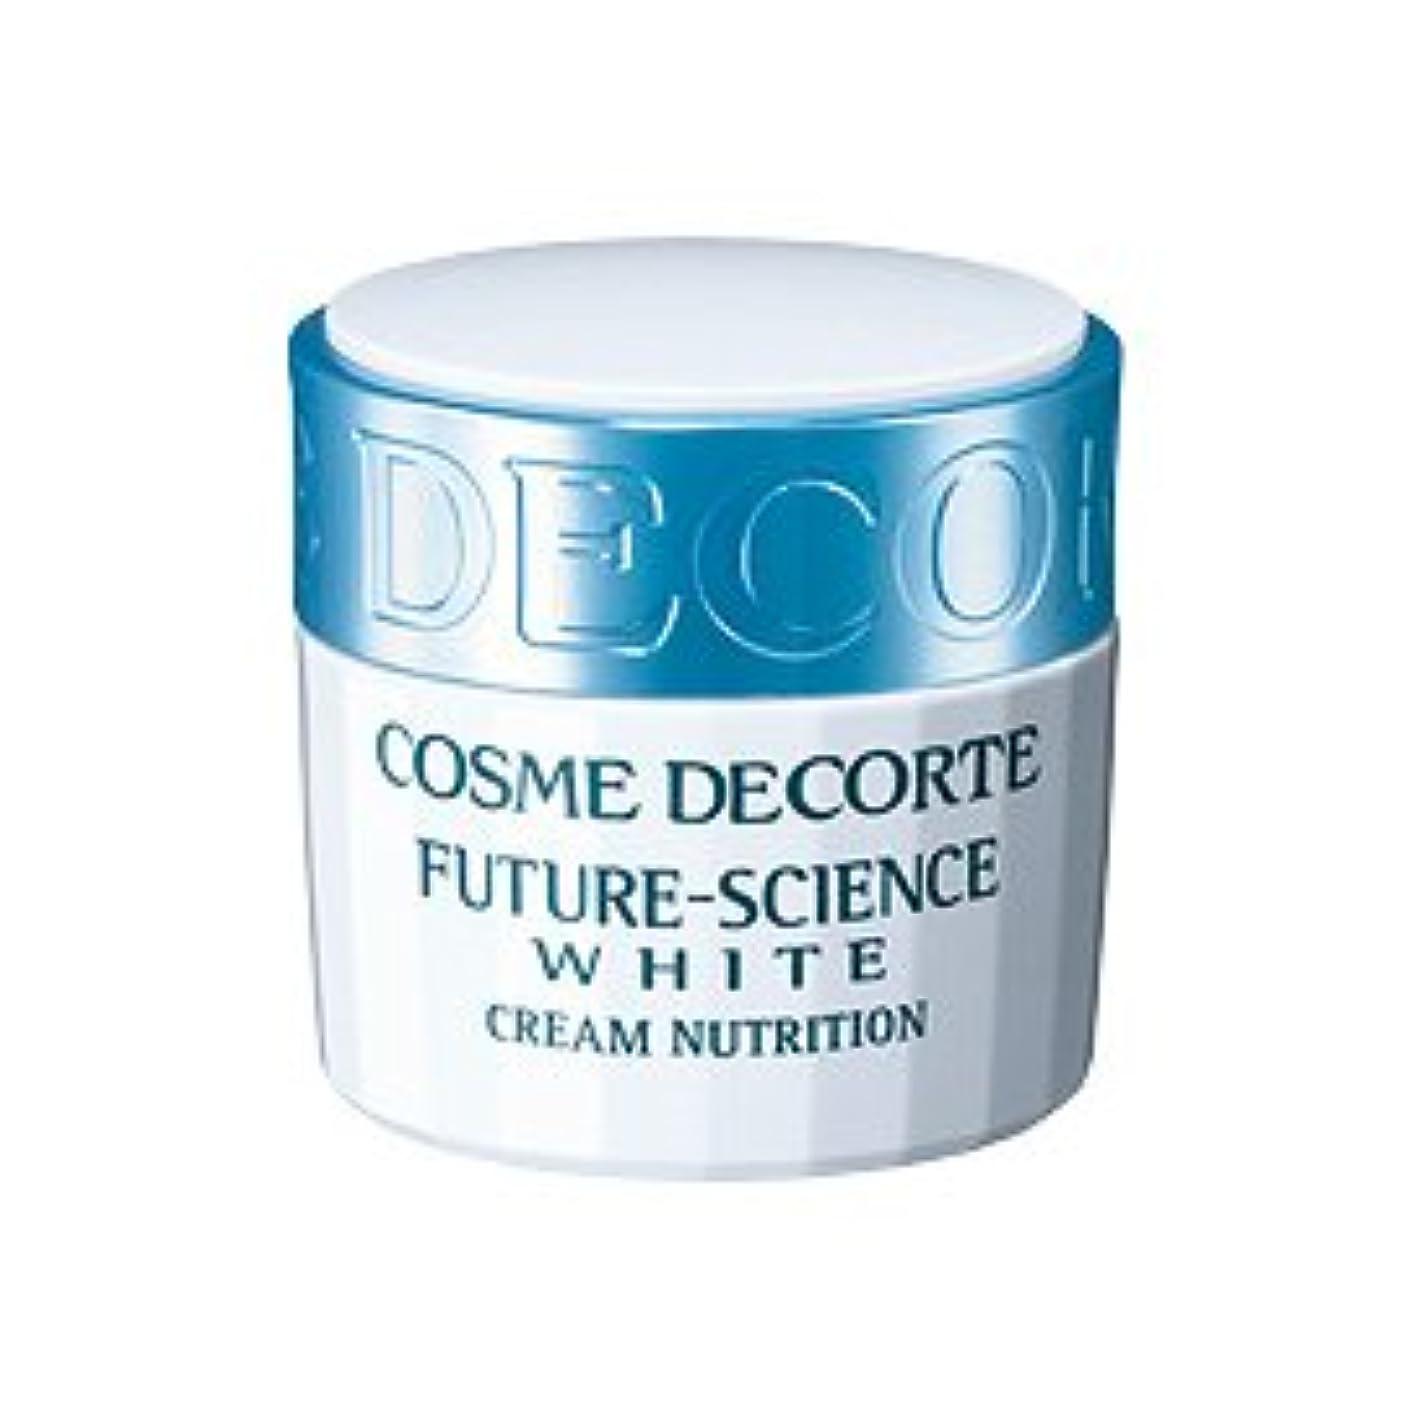 クモエイリアン却下するCOSME DECORTE コスメ デコルテ フューチャー サイエンス ホワイト クリーム ニュートリション 40g [並行輸入品]